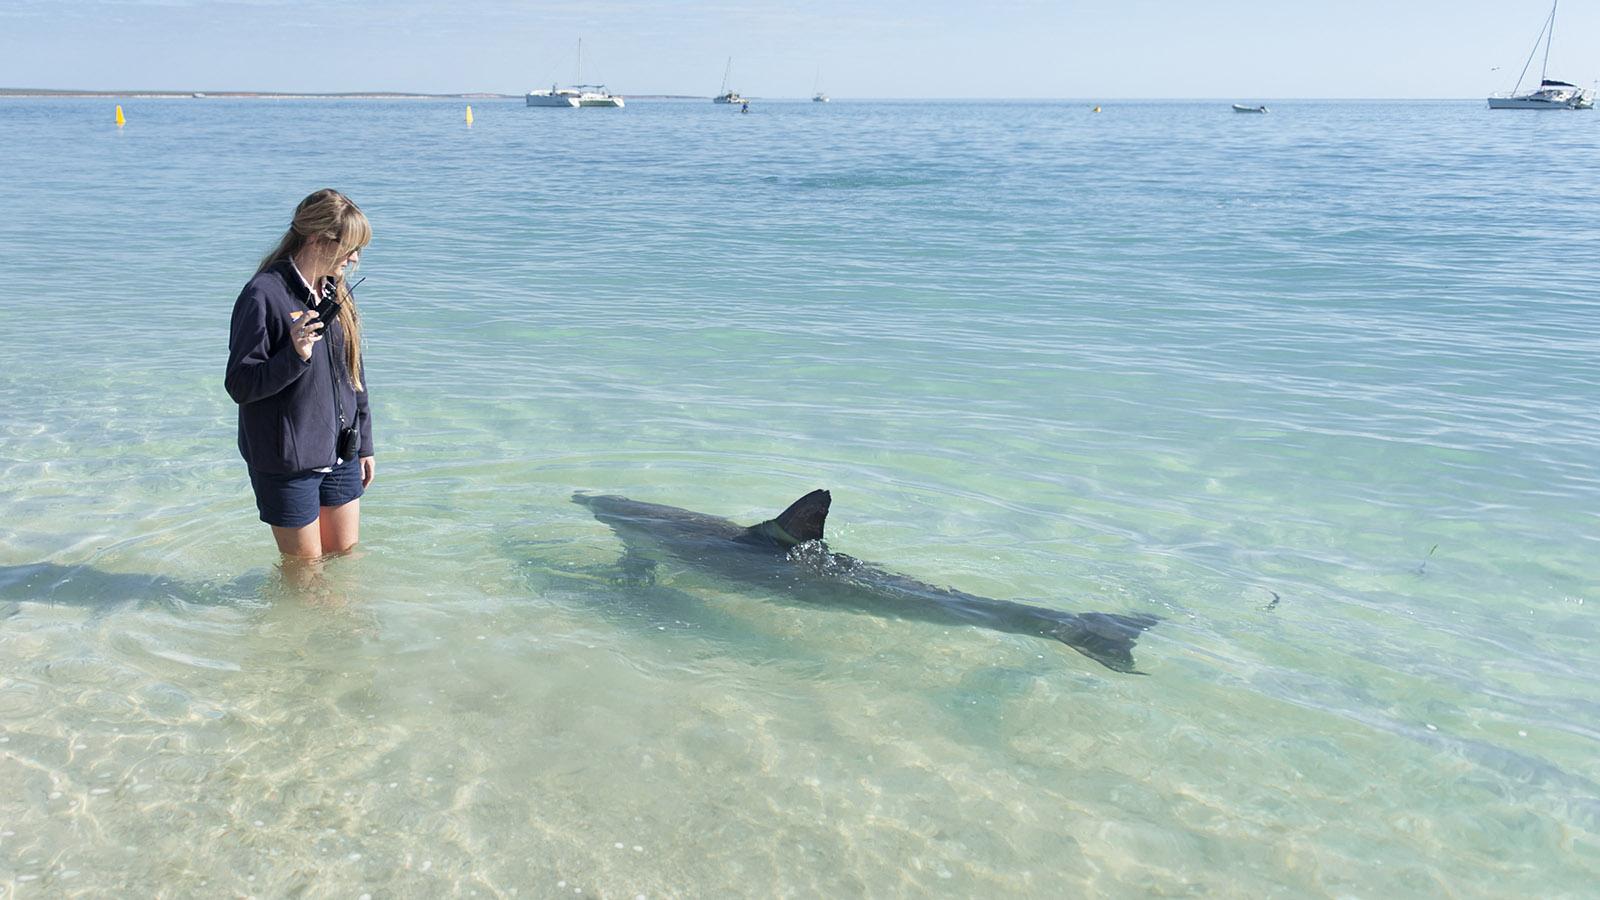 Coral Coast: Staatliche Naturschutz-Guide präsentieren tagtäglich mehrmals die Delfine von Monkey Mia. Foto: Hilke Maunder